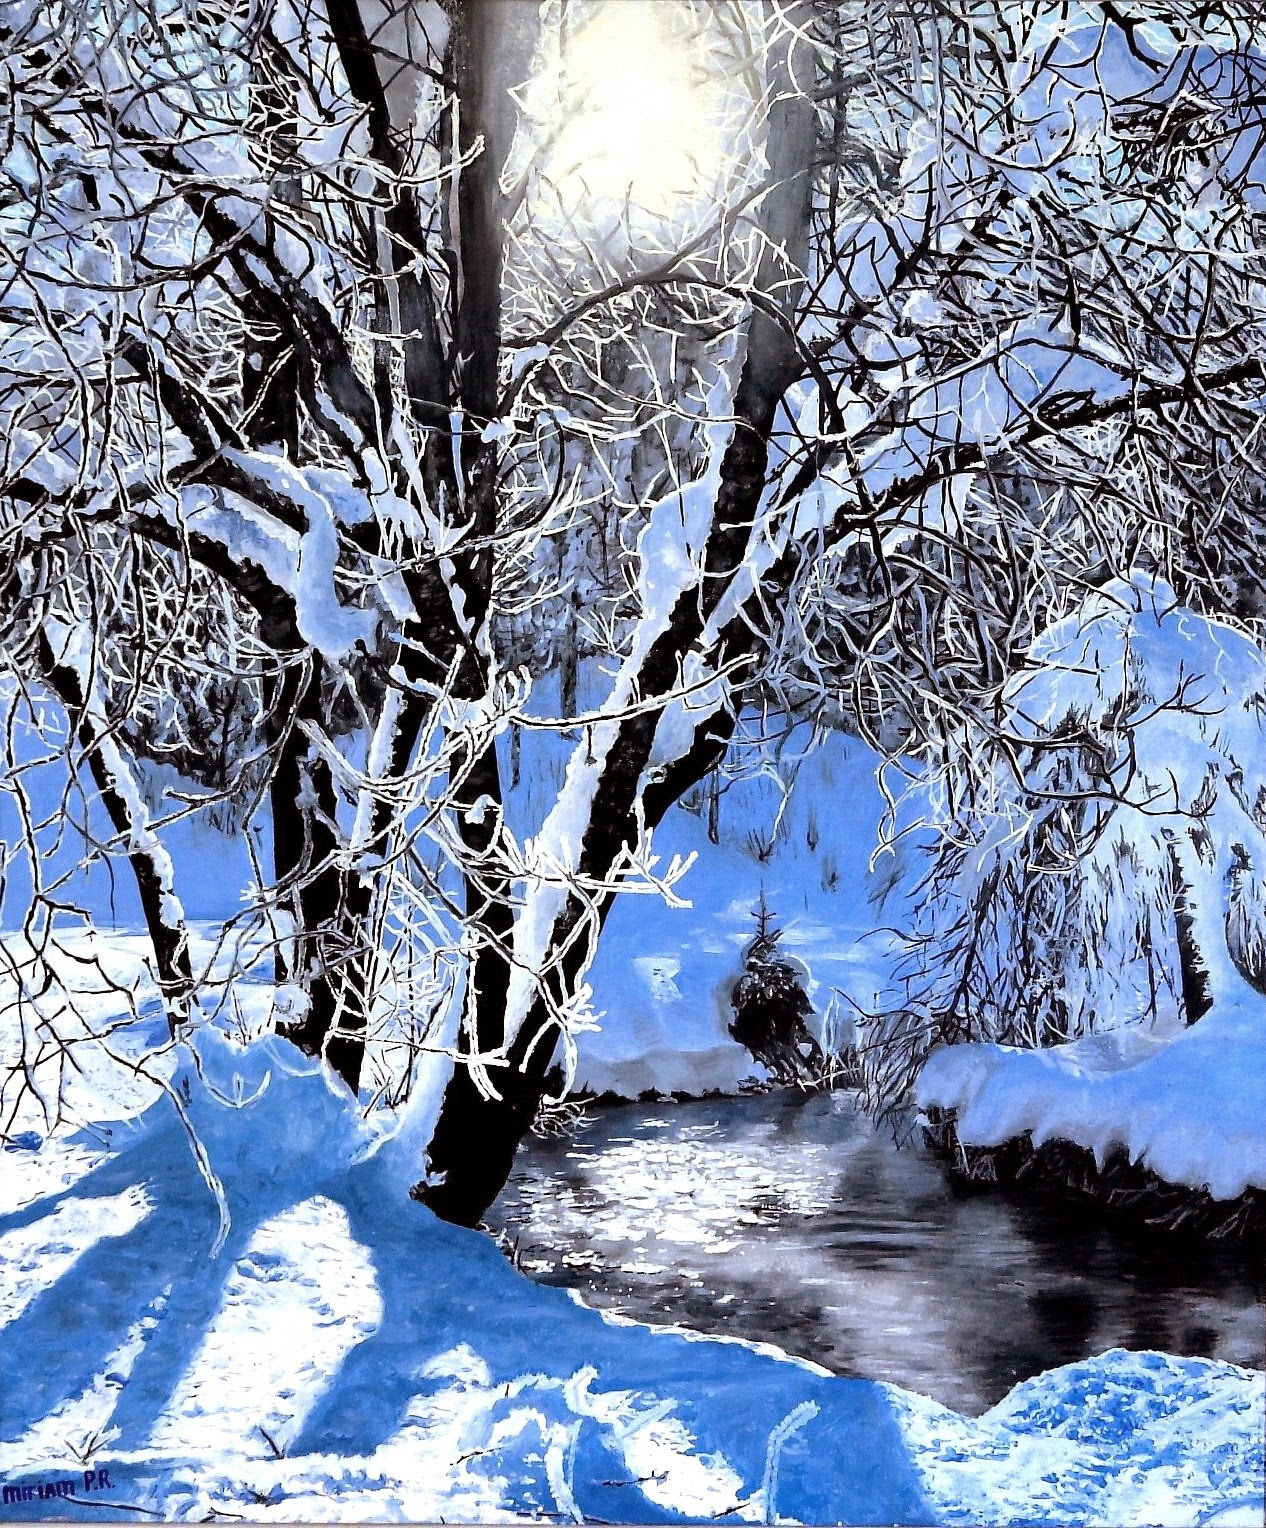 miriam peters rouyer artiste peintre paysage d 39 hiver etape par etape. Black Bedroom Furniture Sets. Home Design Ideas